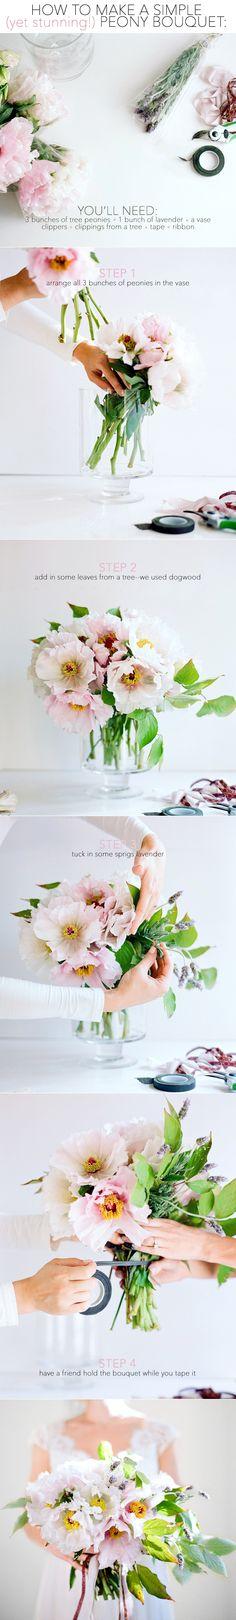 How to make a simple PEONY bouquet - via oncewed